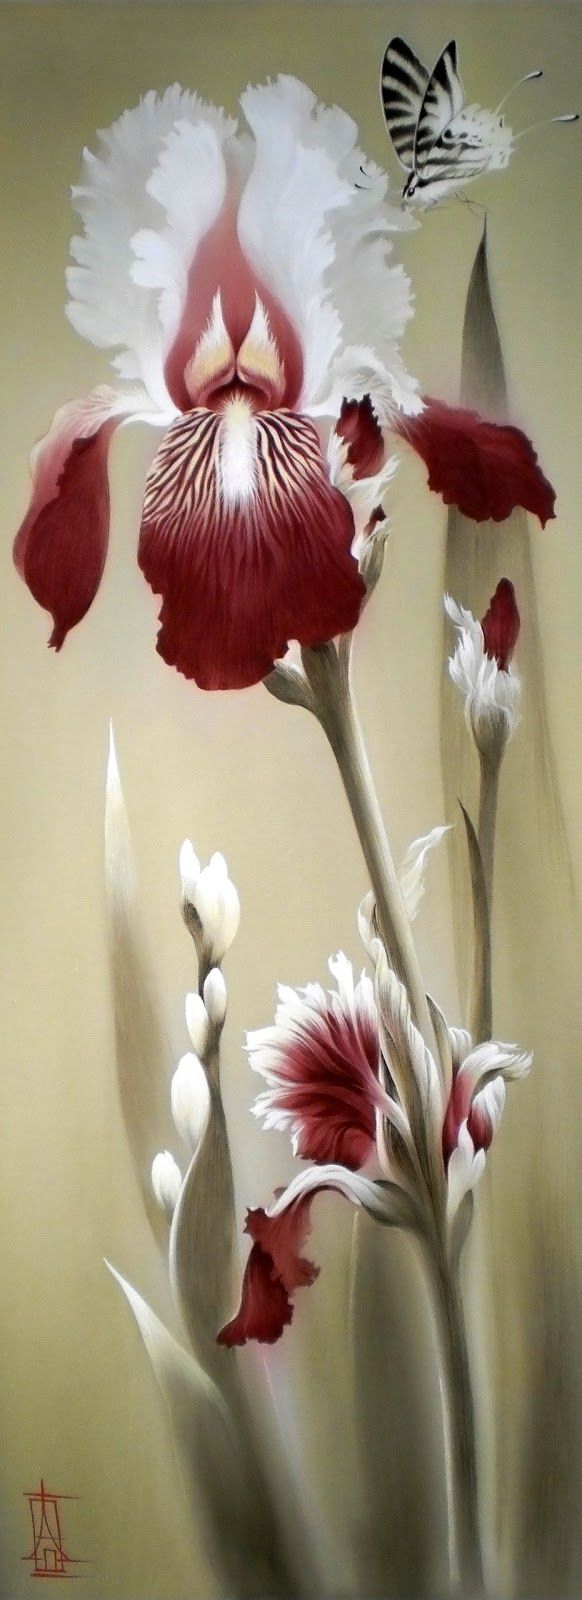 Природа. Цветы. Осеева Алина. Обсуждение на LiveInternet - Российский Сервис Онлайн-Дневников